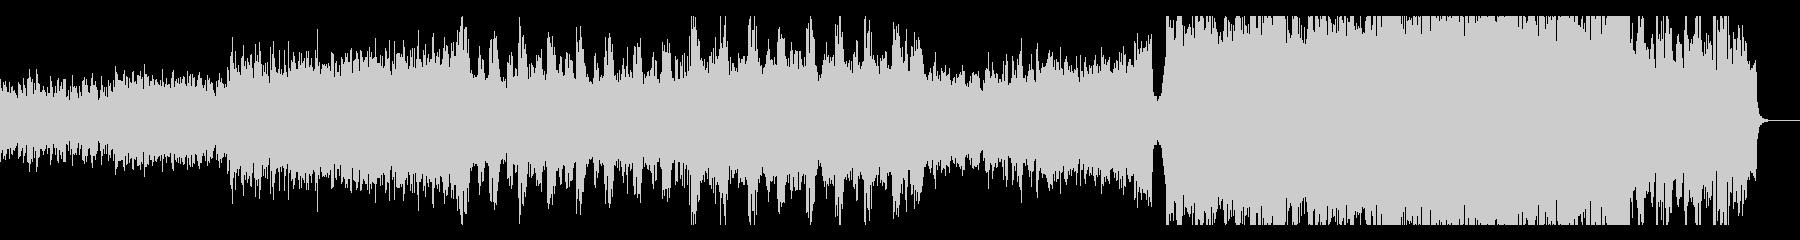 生演奏バイオリン 壮大なエレクトロメタルの未再生の波形